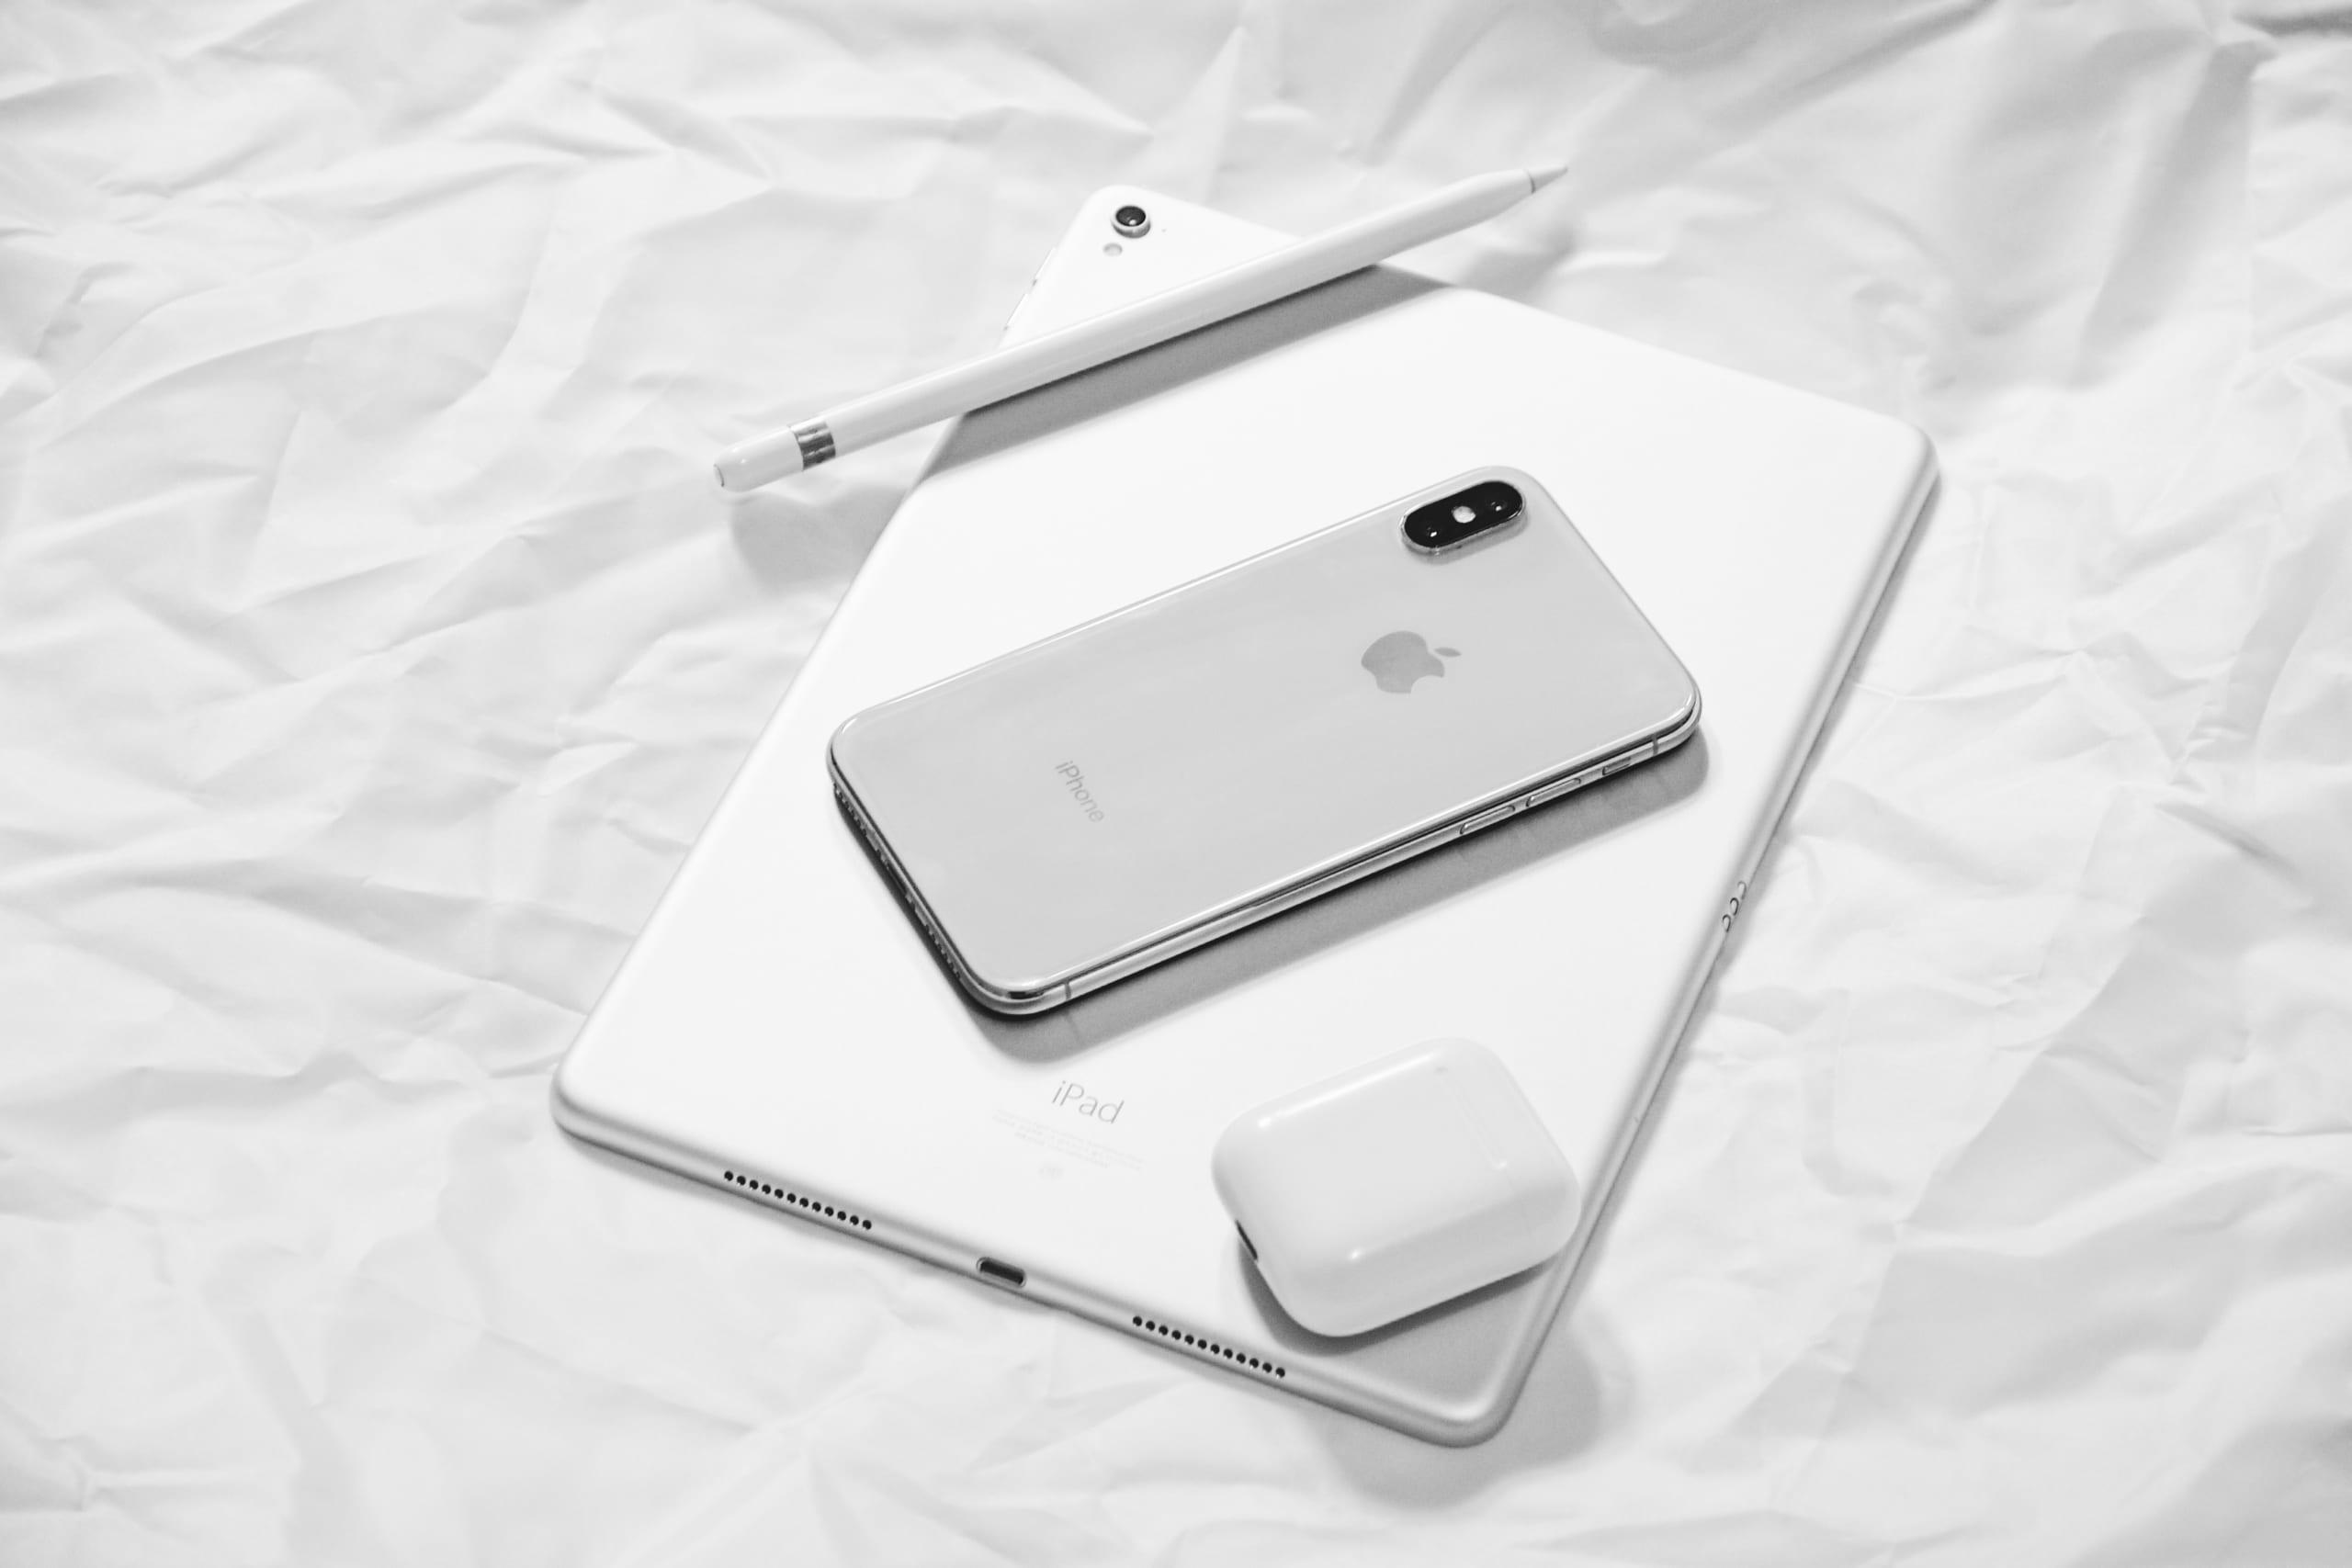 【最大6万9千円割引】AmazonプライムデーでMacBookは安くなる?安く買う方法を紹介